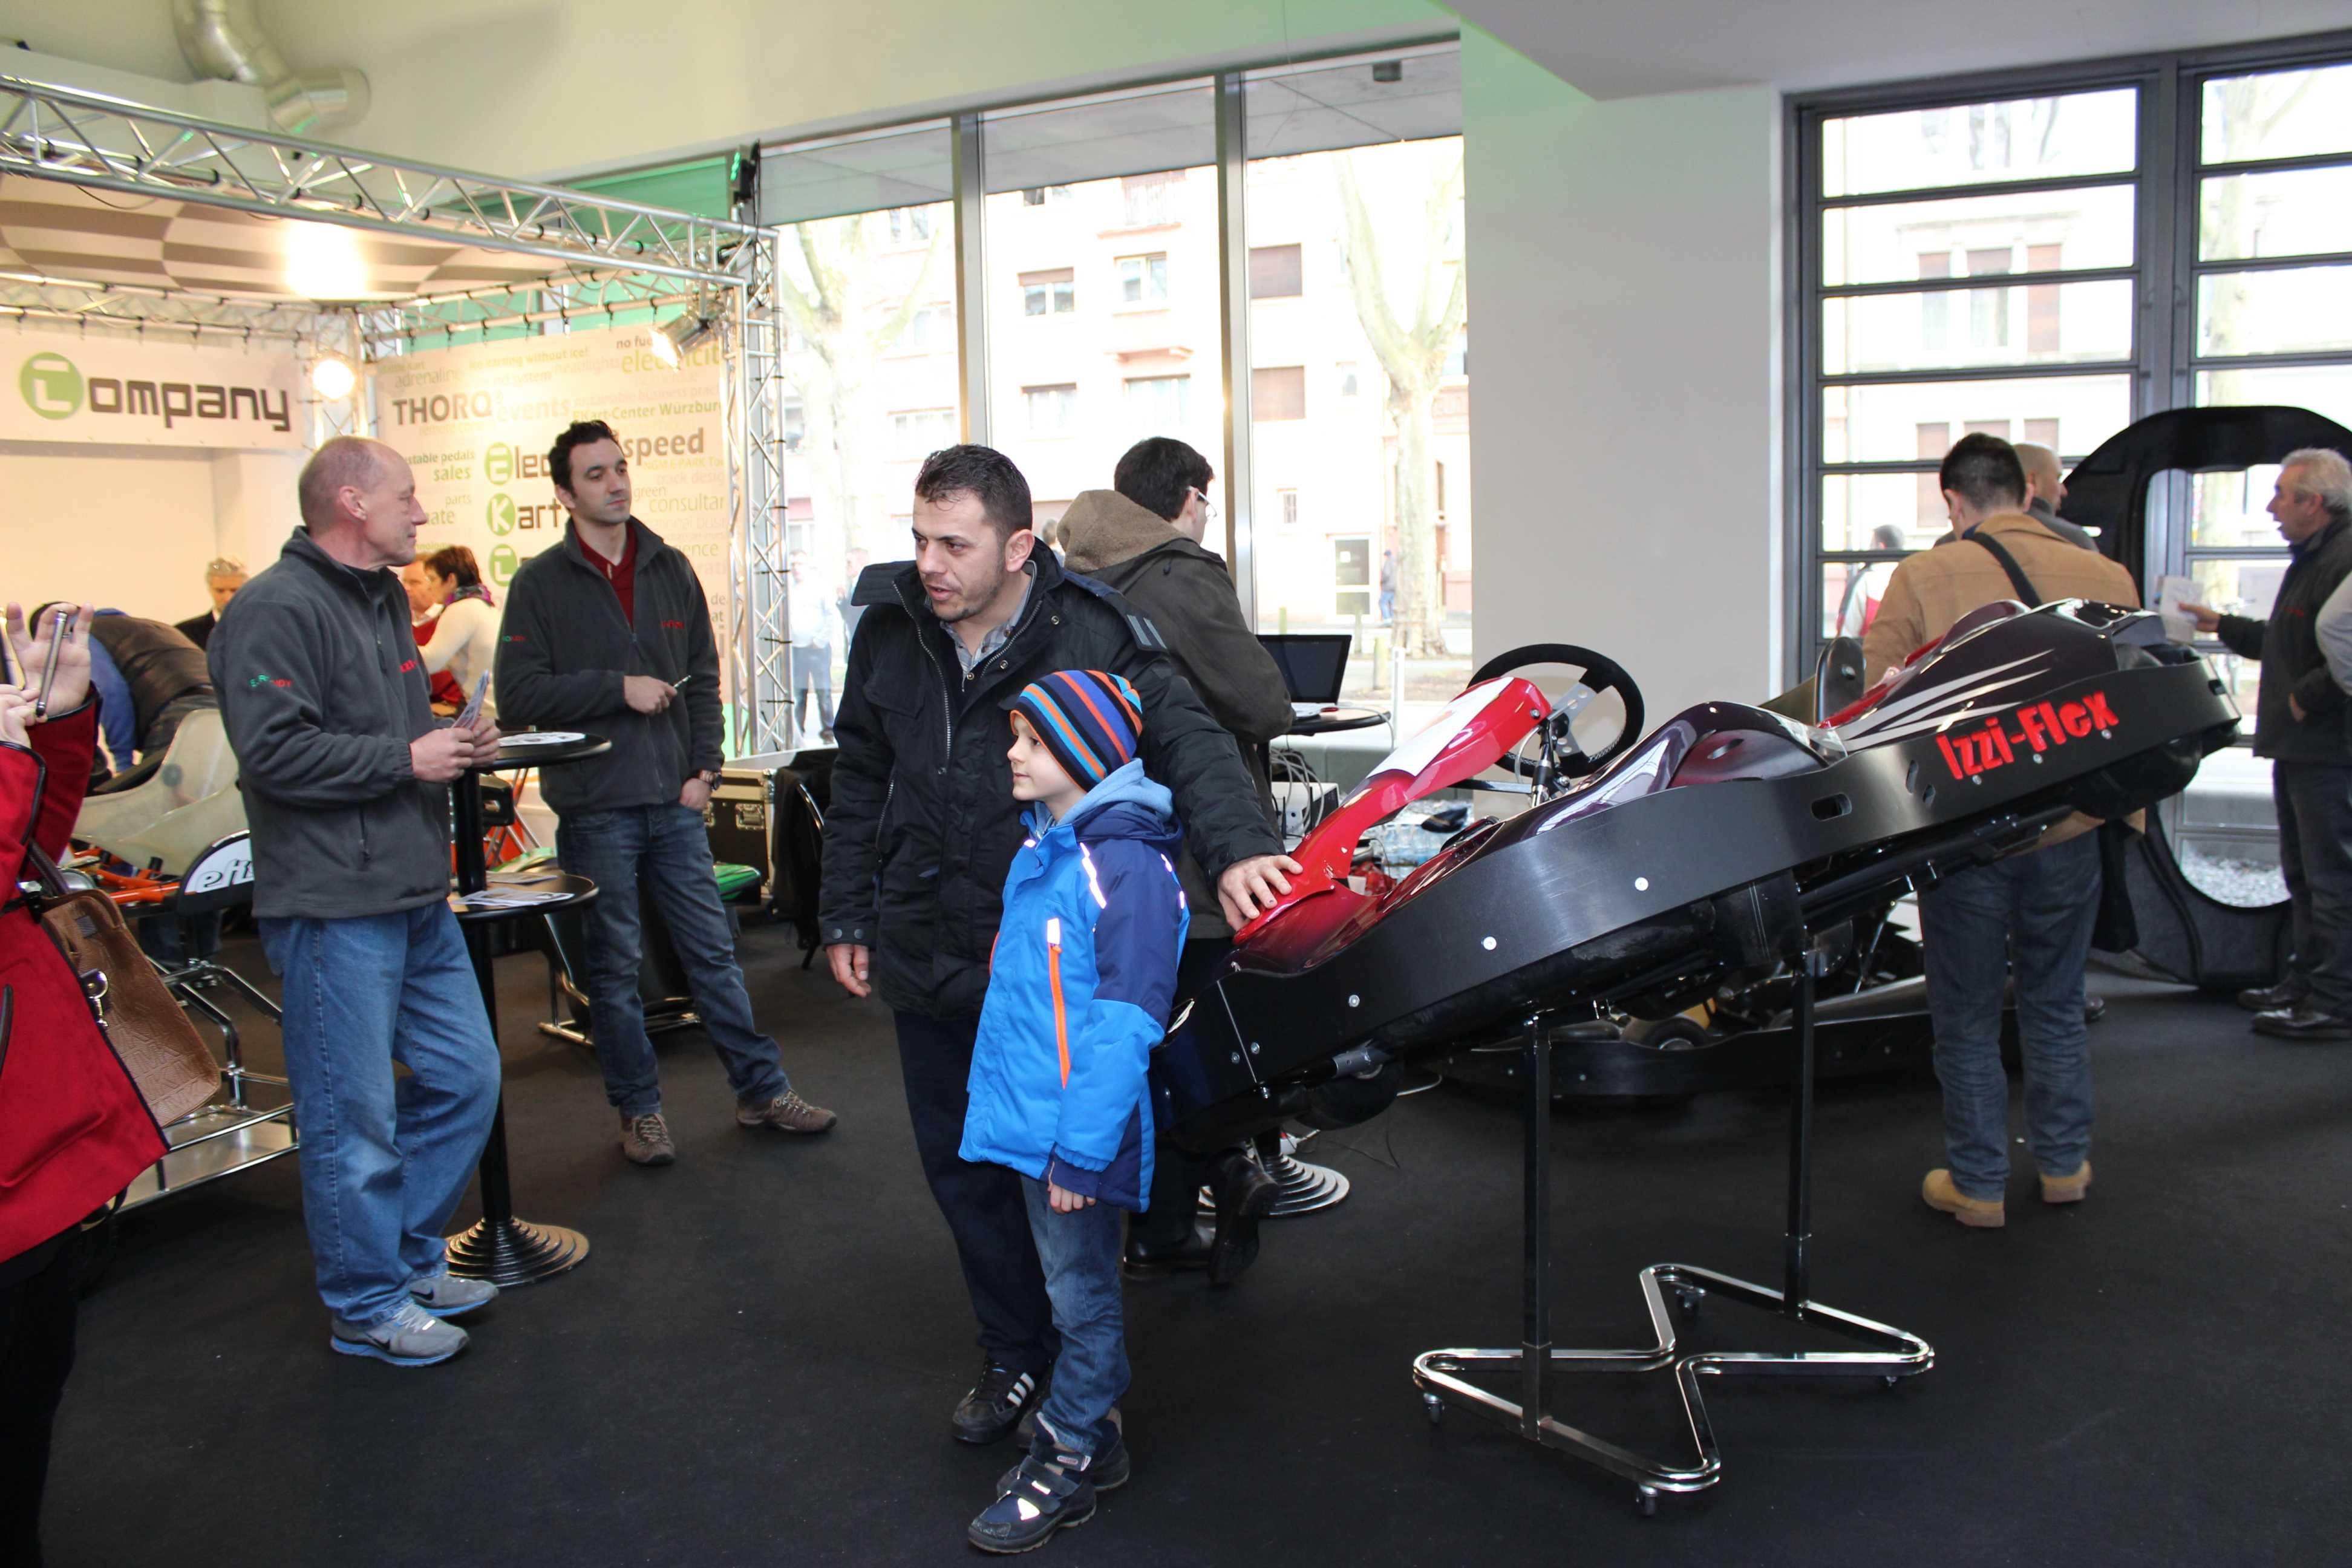 IZZI-FLEX Apresentação na Feira Internacional do Karting Alemanha3